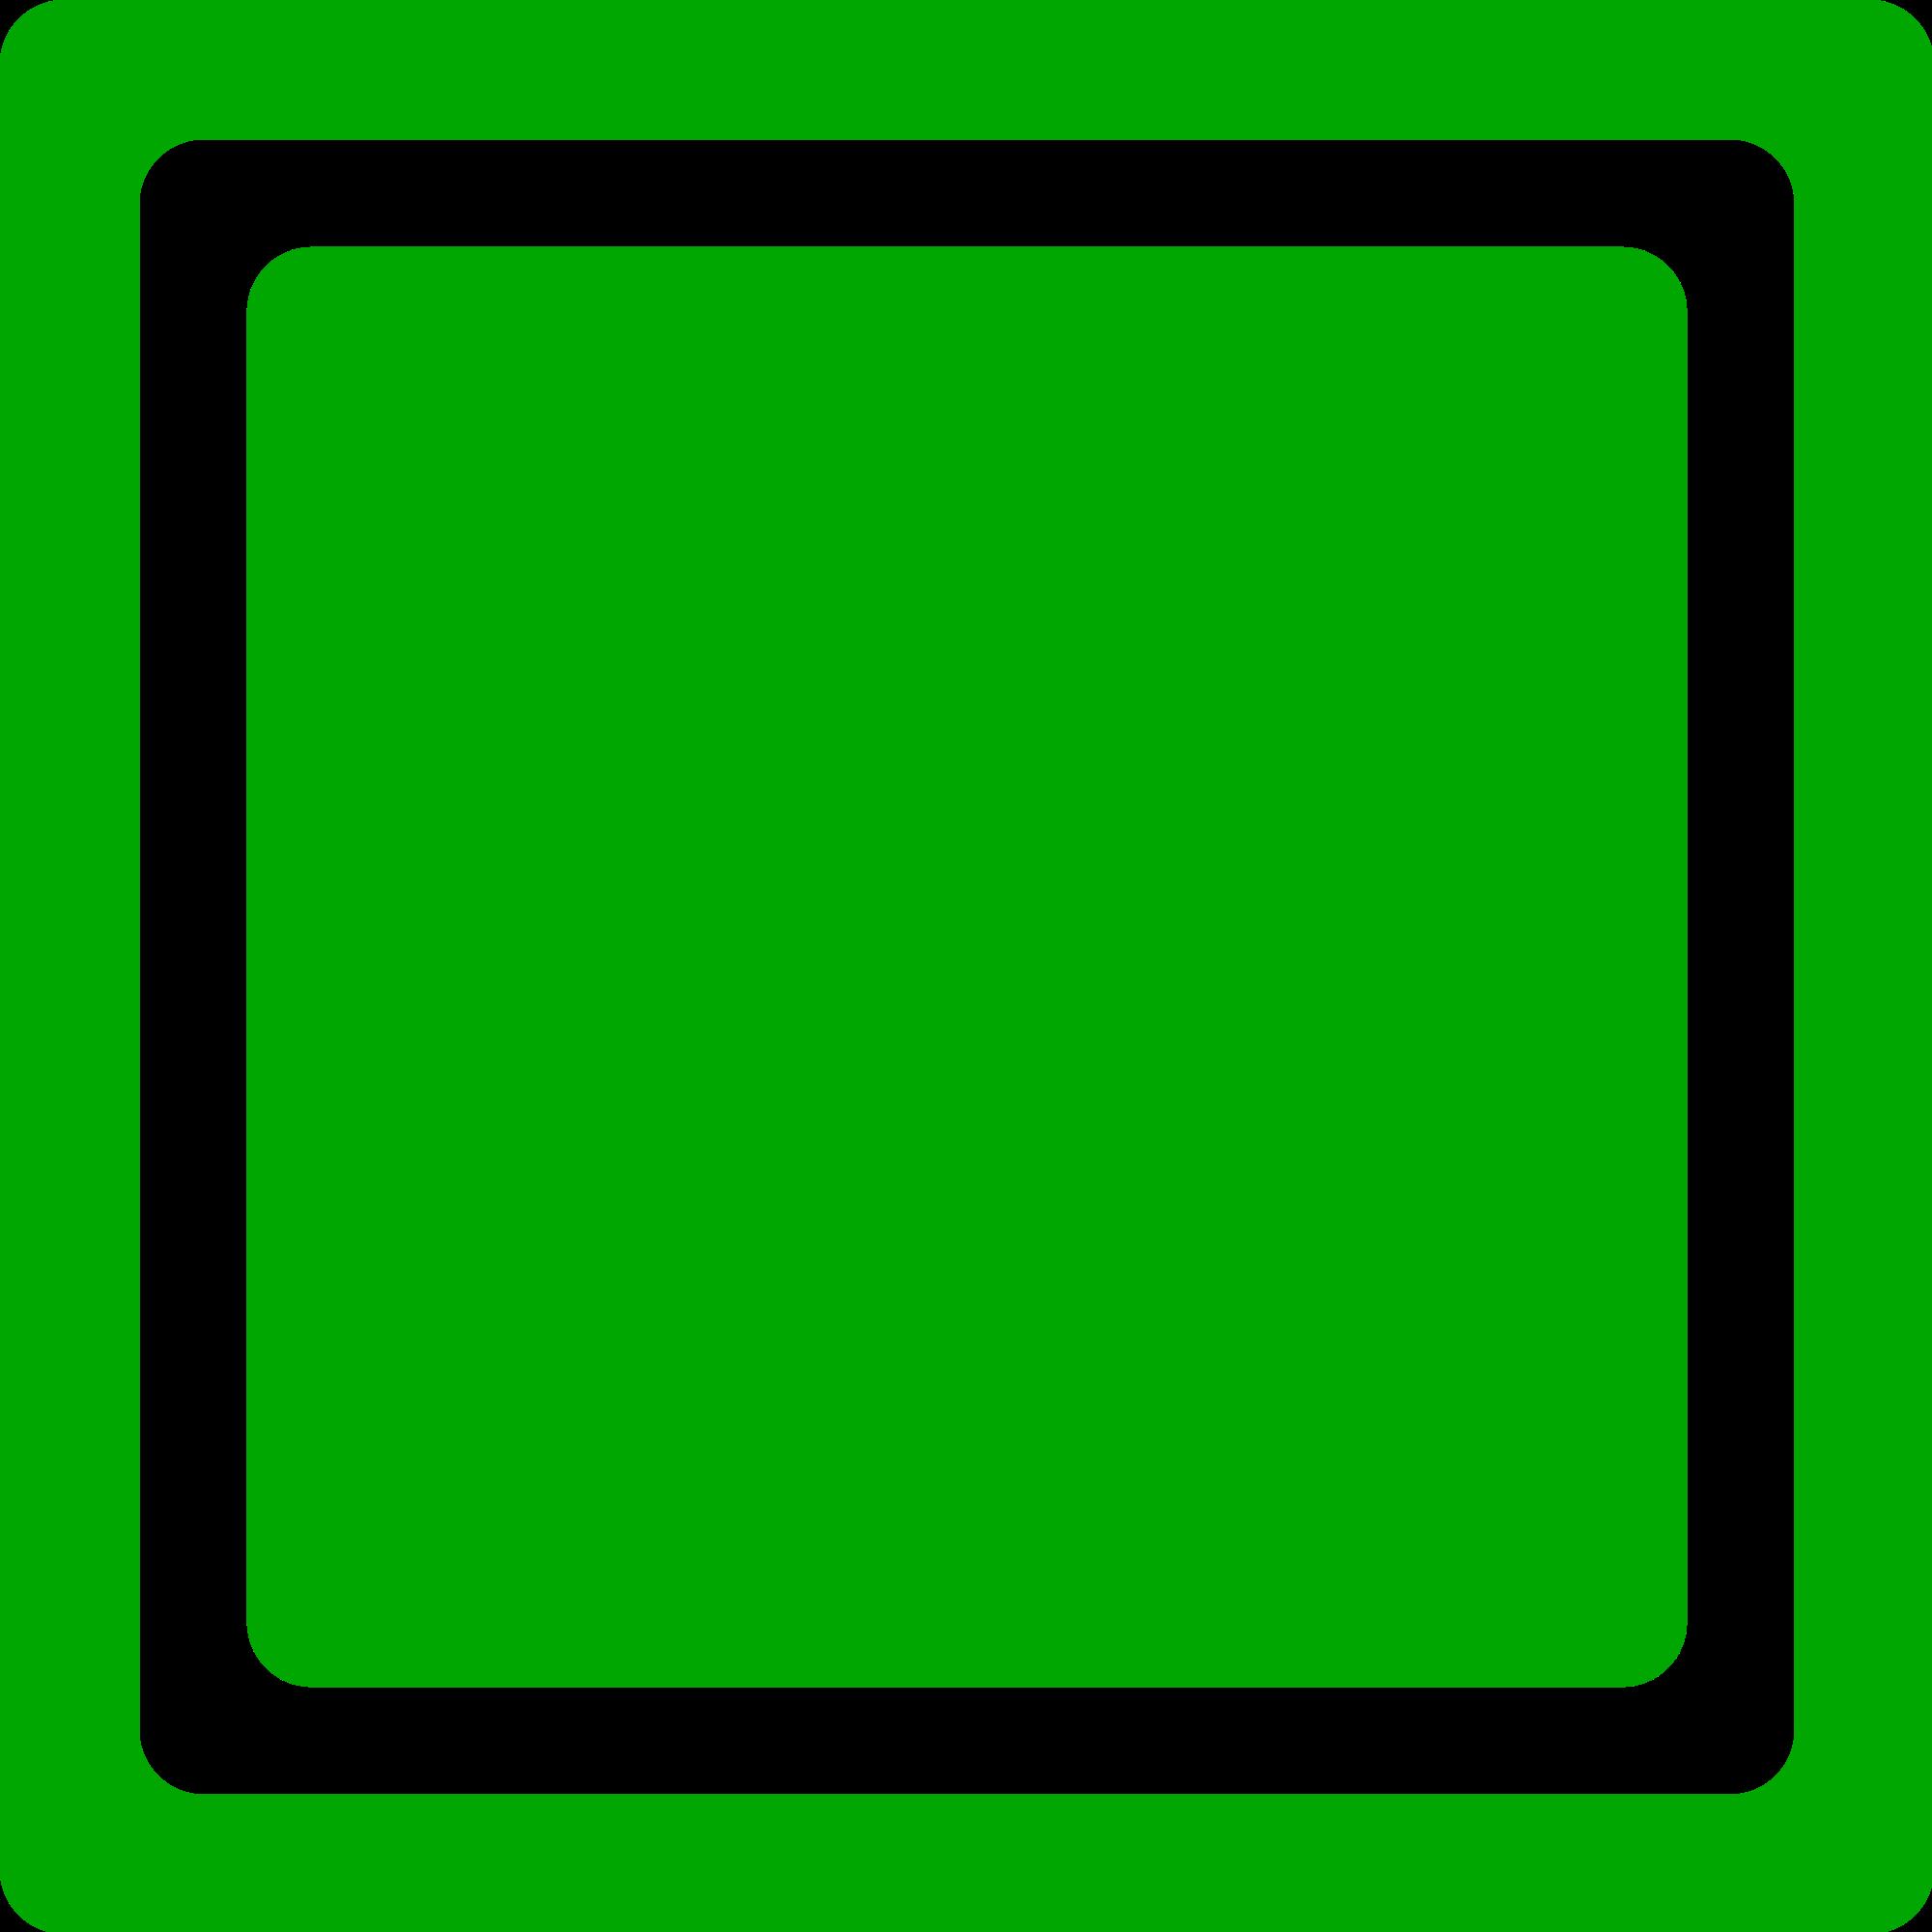 Square clipart bright. File green checkbox unchecked